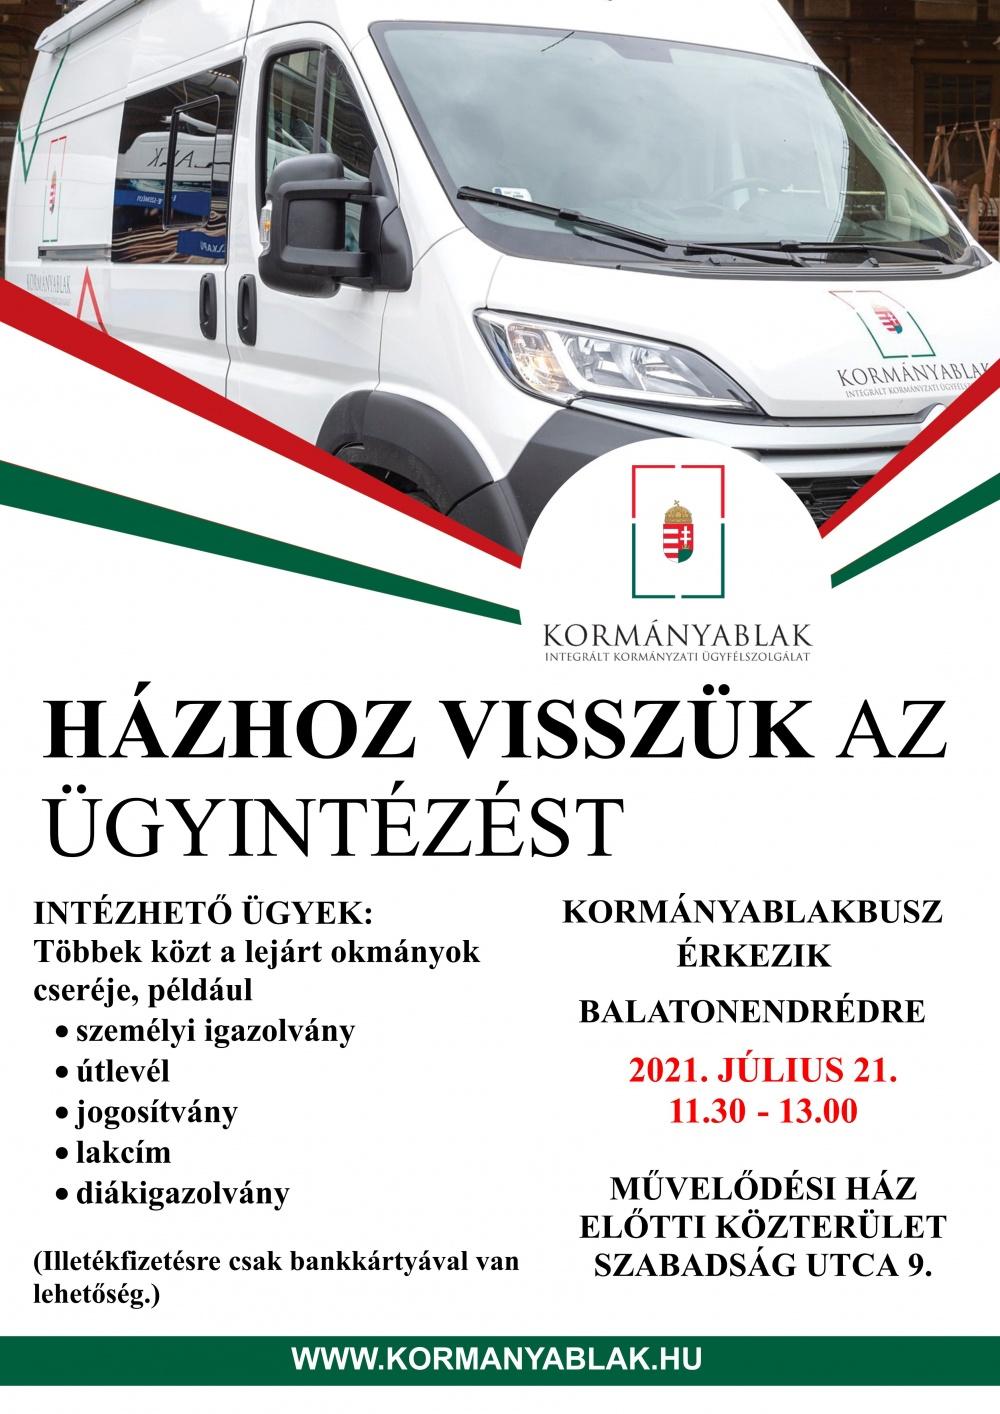 Kormányablakos busz érkezik Balatonendrédre 2021. 07. 21-én!